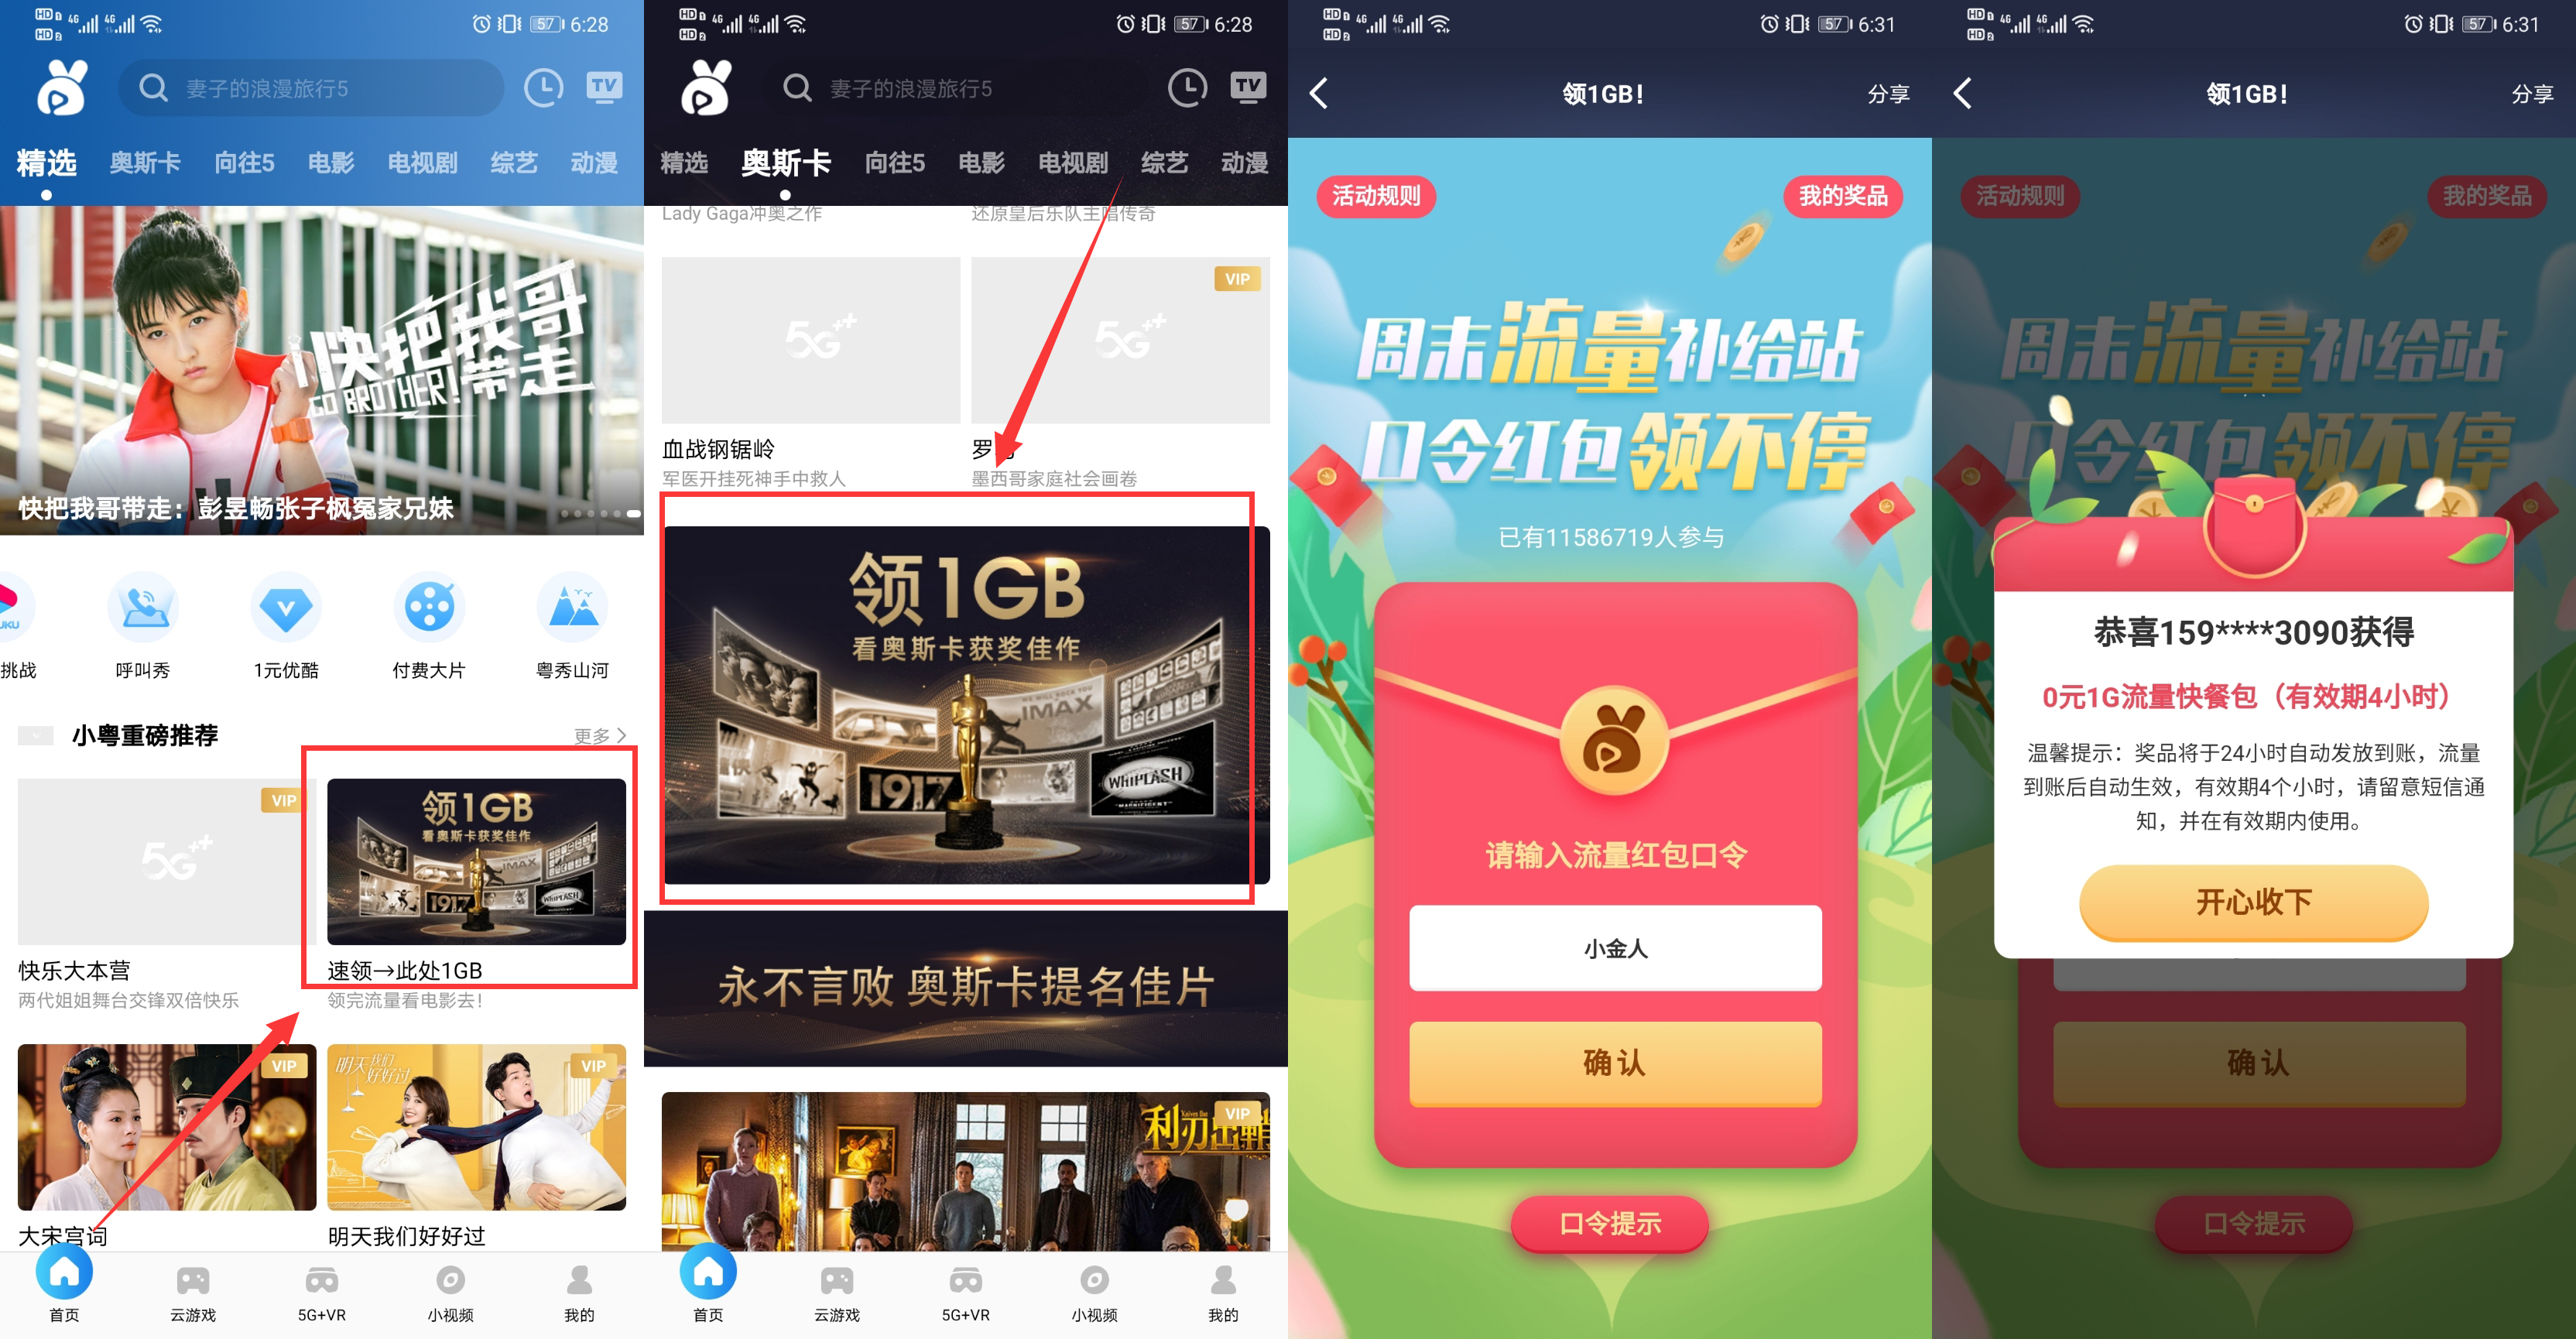 粤享5G输入口令领1G流量